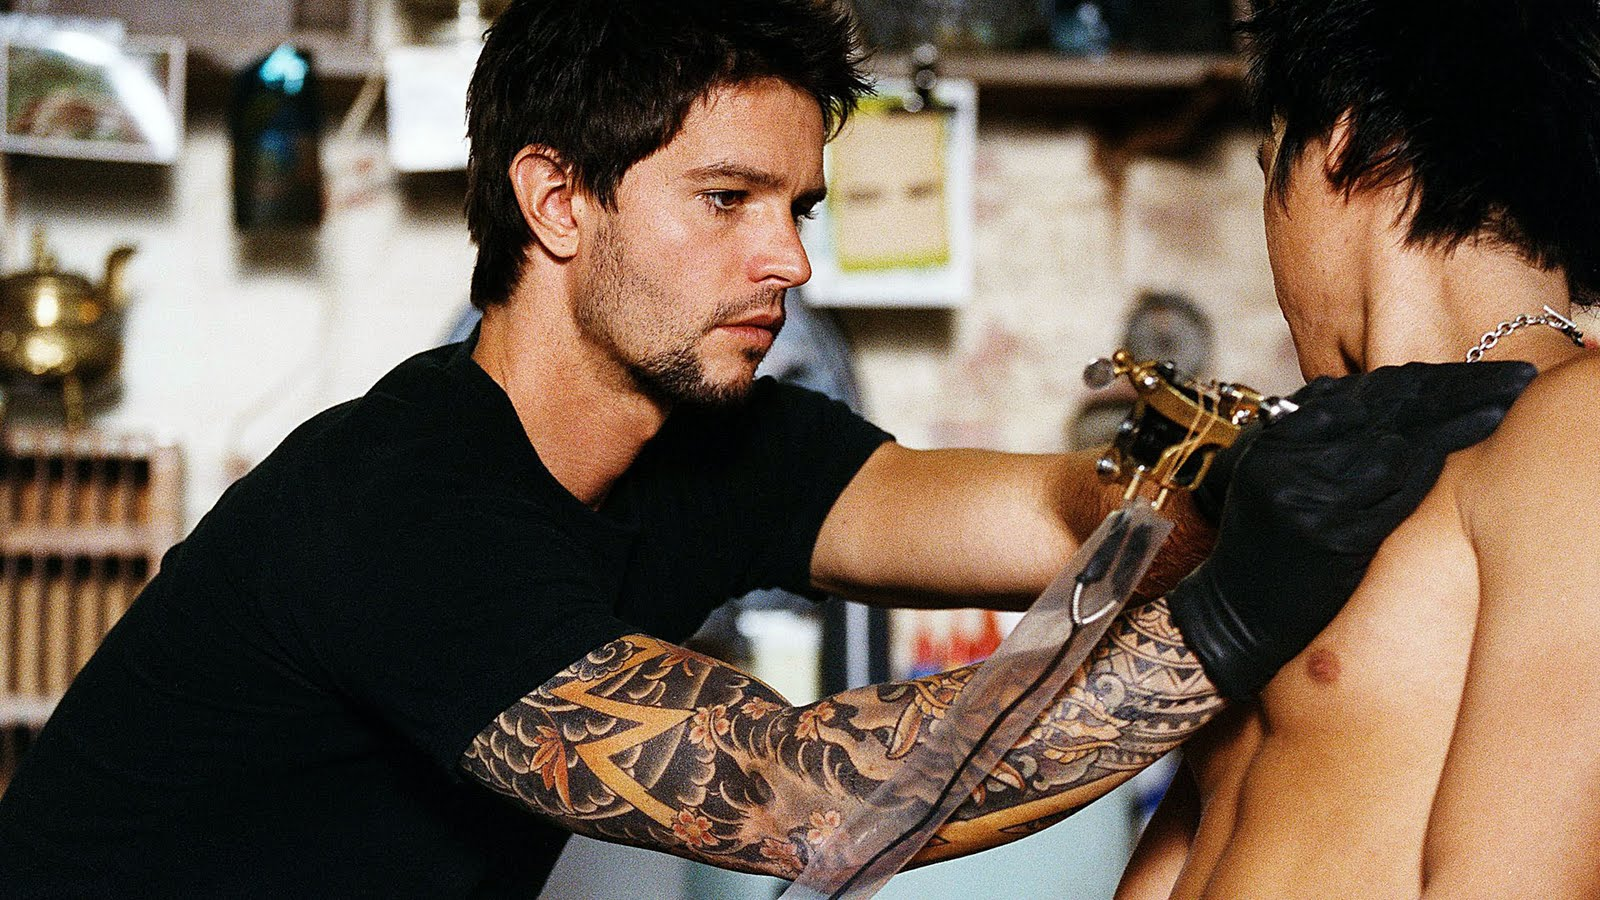 Tattoo-Artists-1